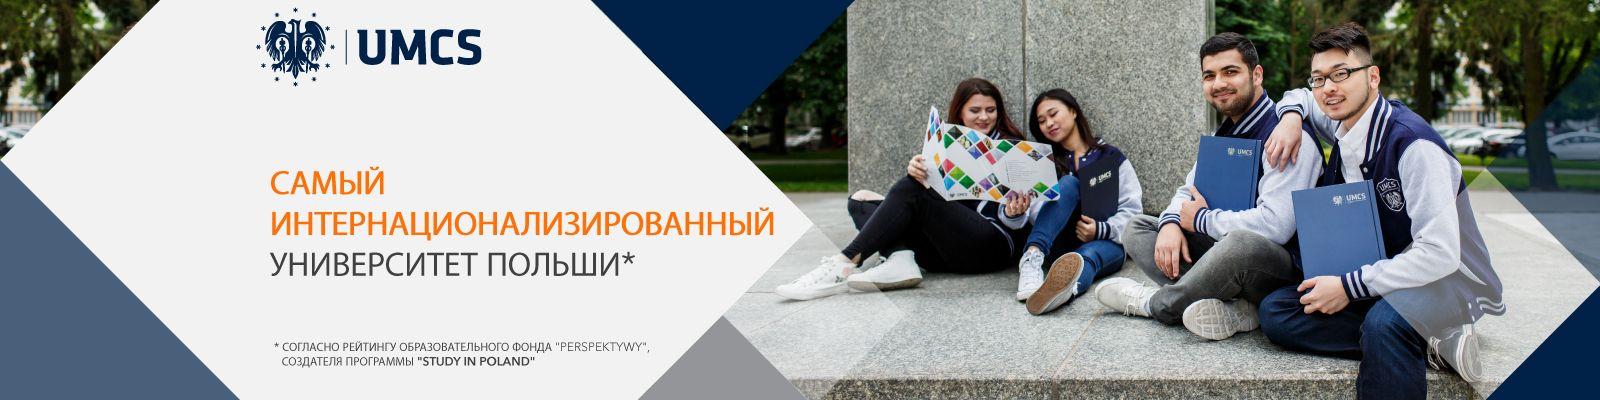 Самый интернационализированный университет Польши